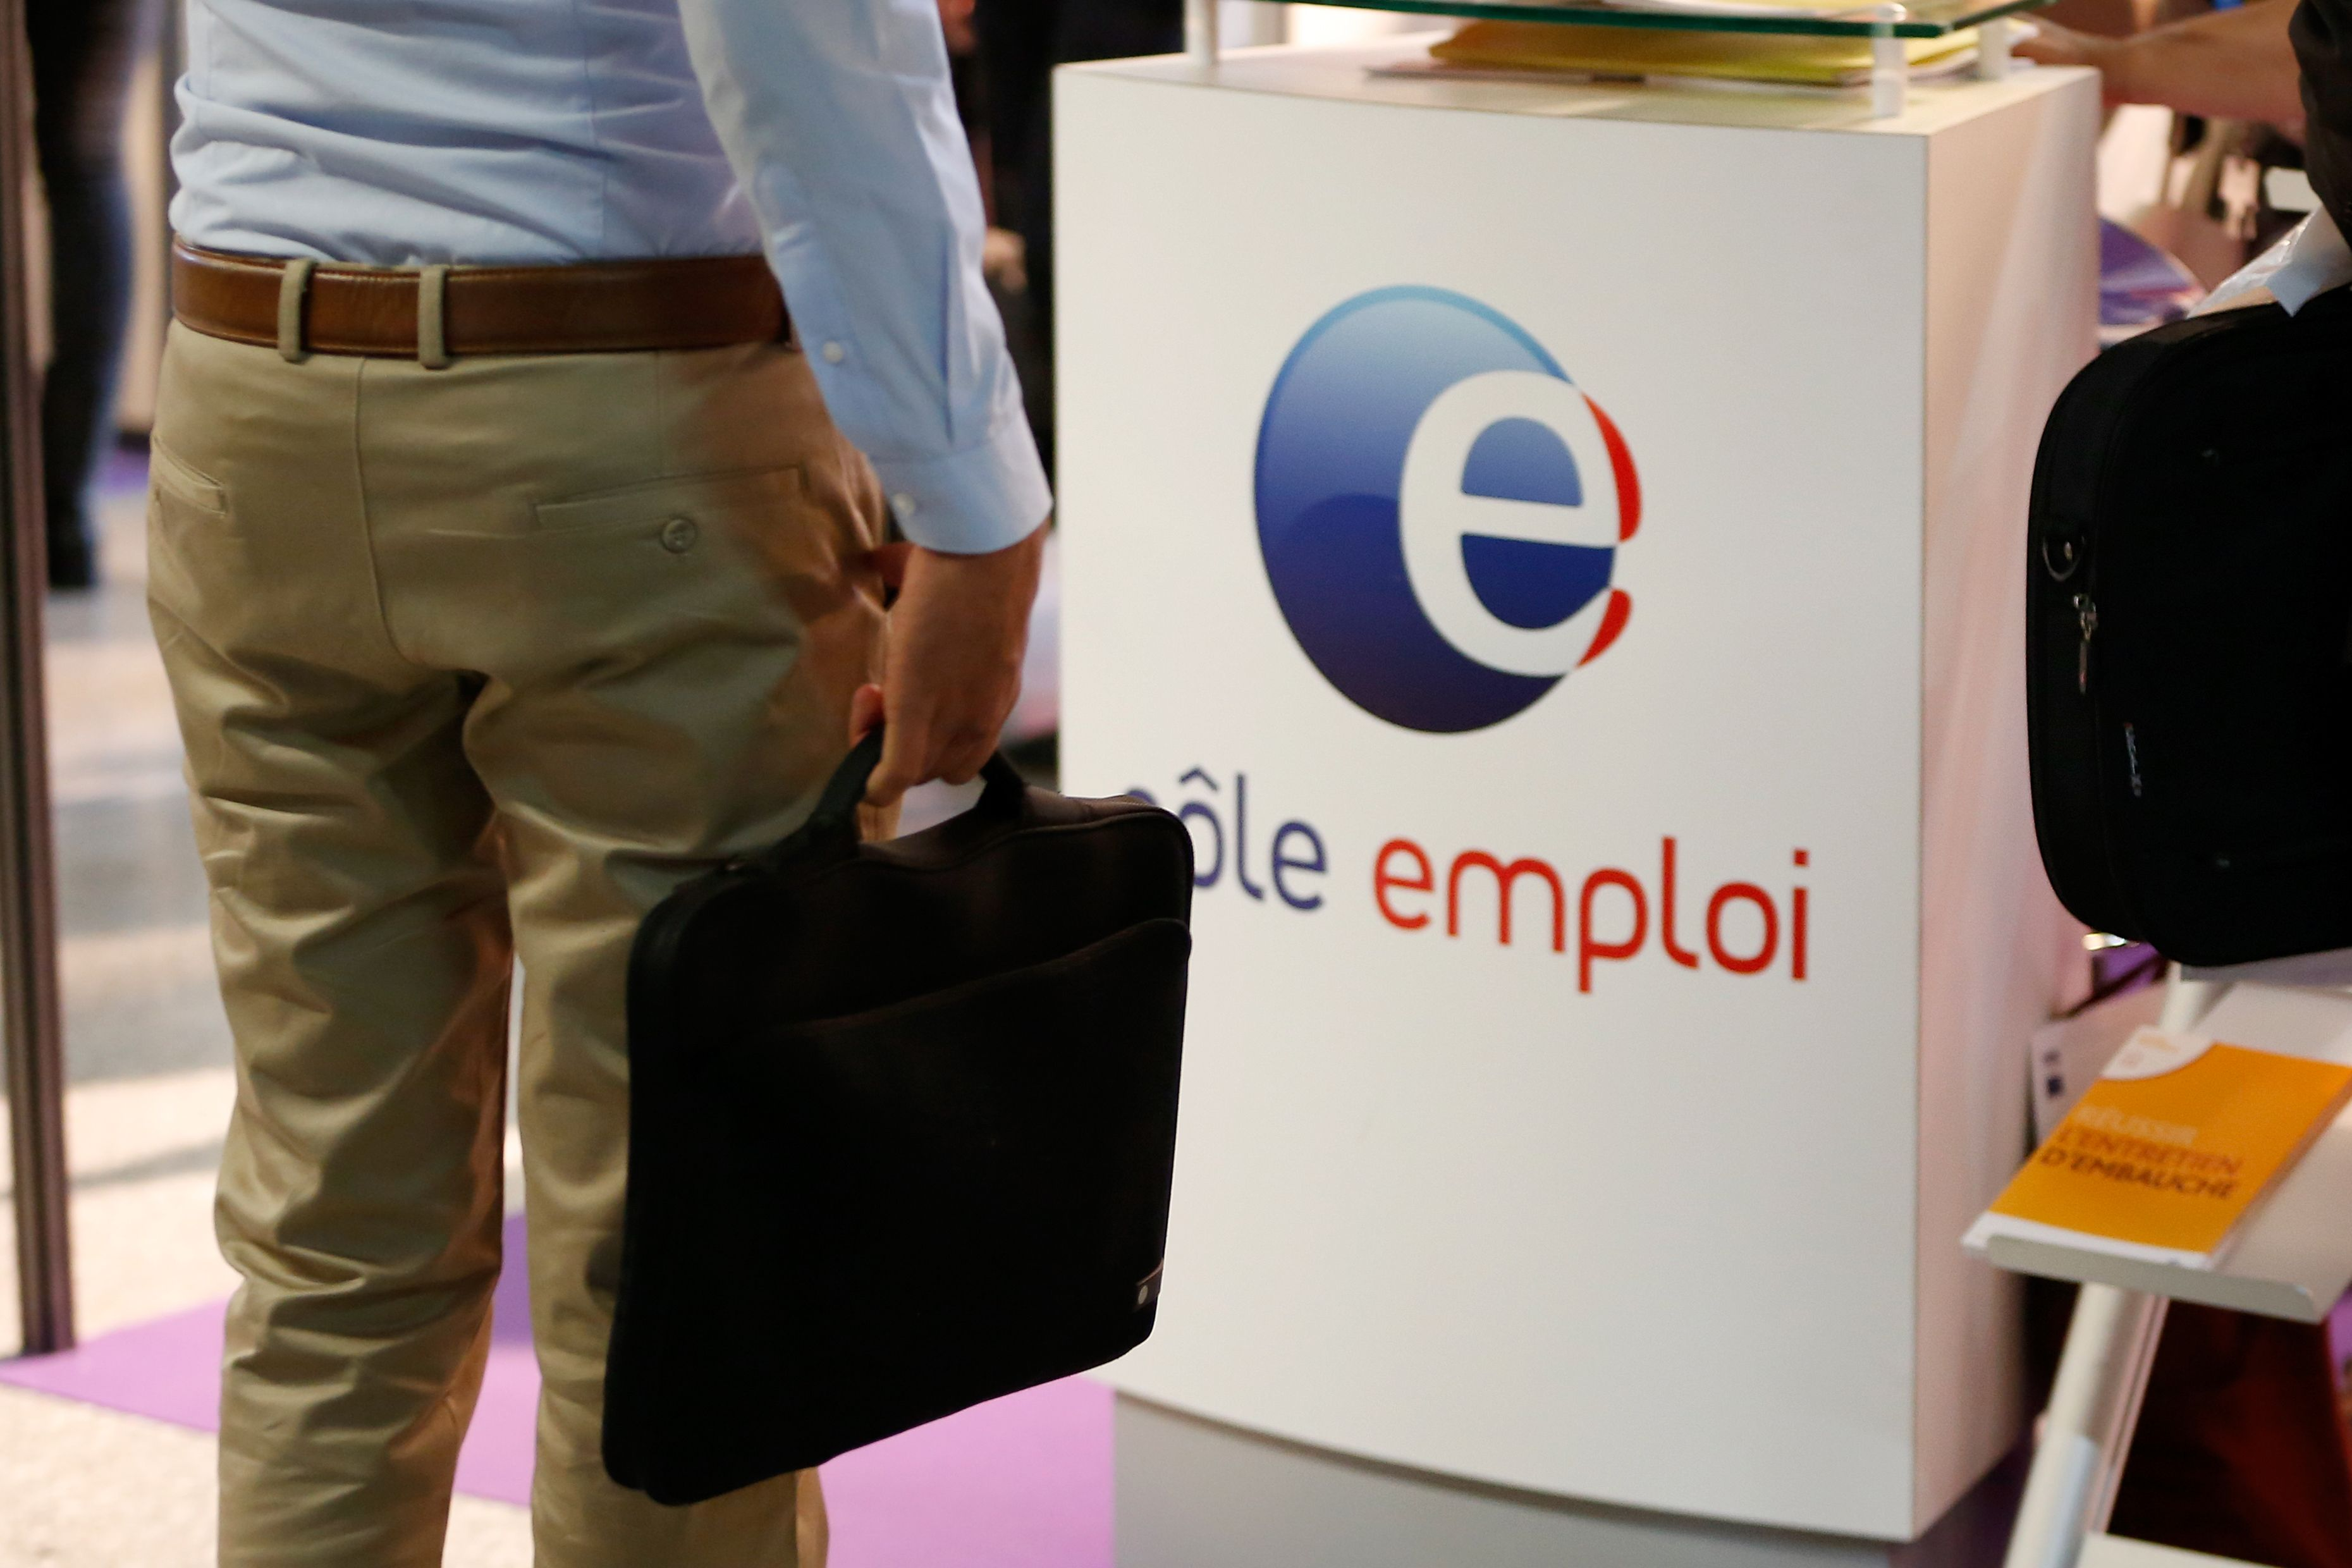 Hausse vertigineuse du chômage, disparition totale du travail... ou grandes opportunités ? Pourquoi la révolution numérique nous questionne sur la notion de travail elle-même